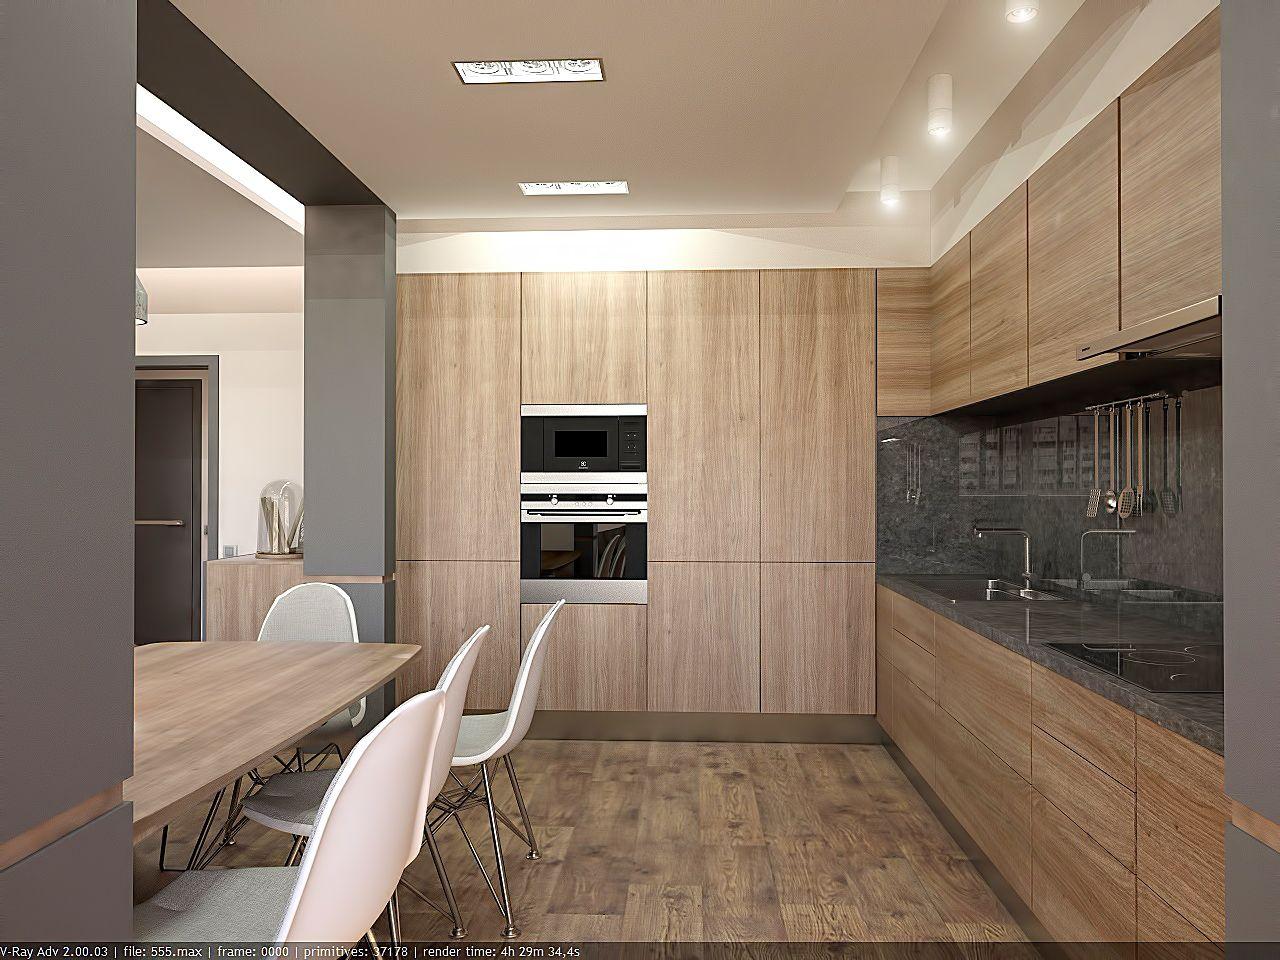 дизайн кухни в стиле хай тек в ЖК Малахит